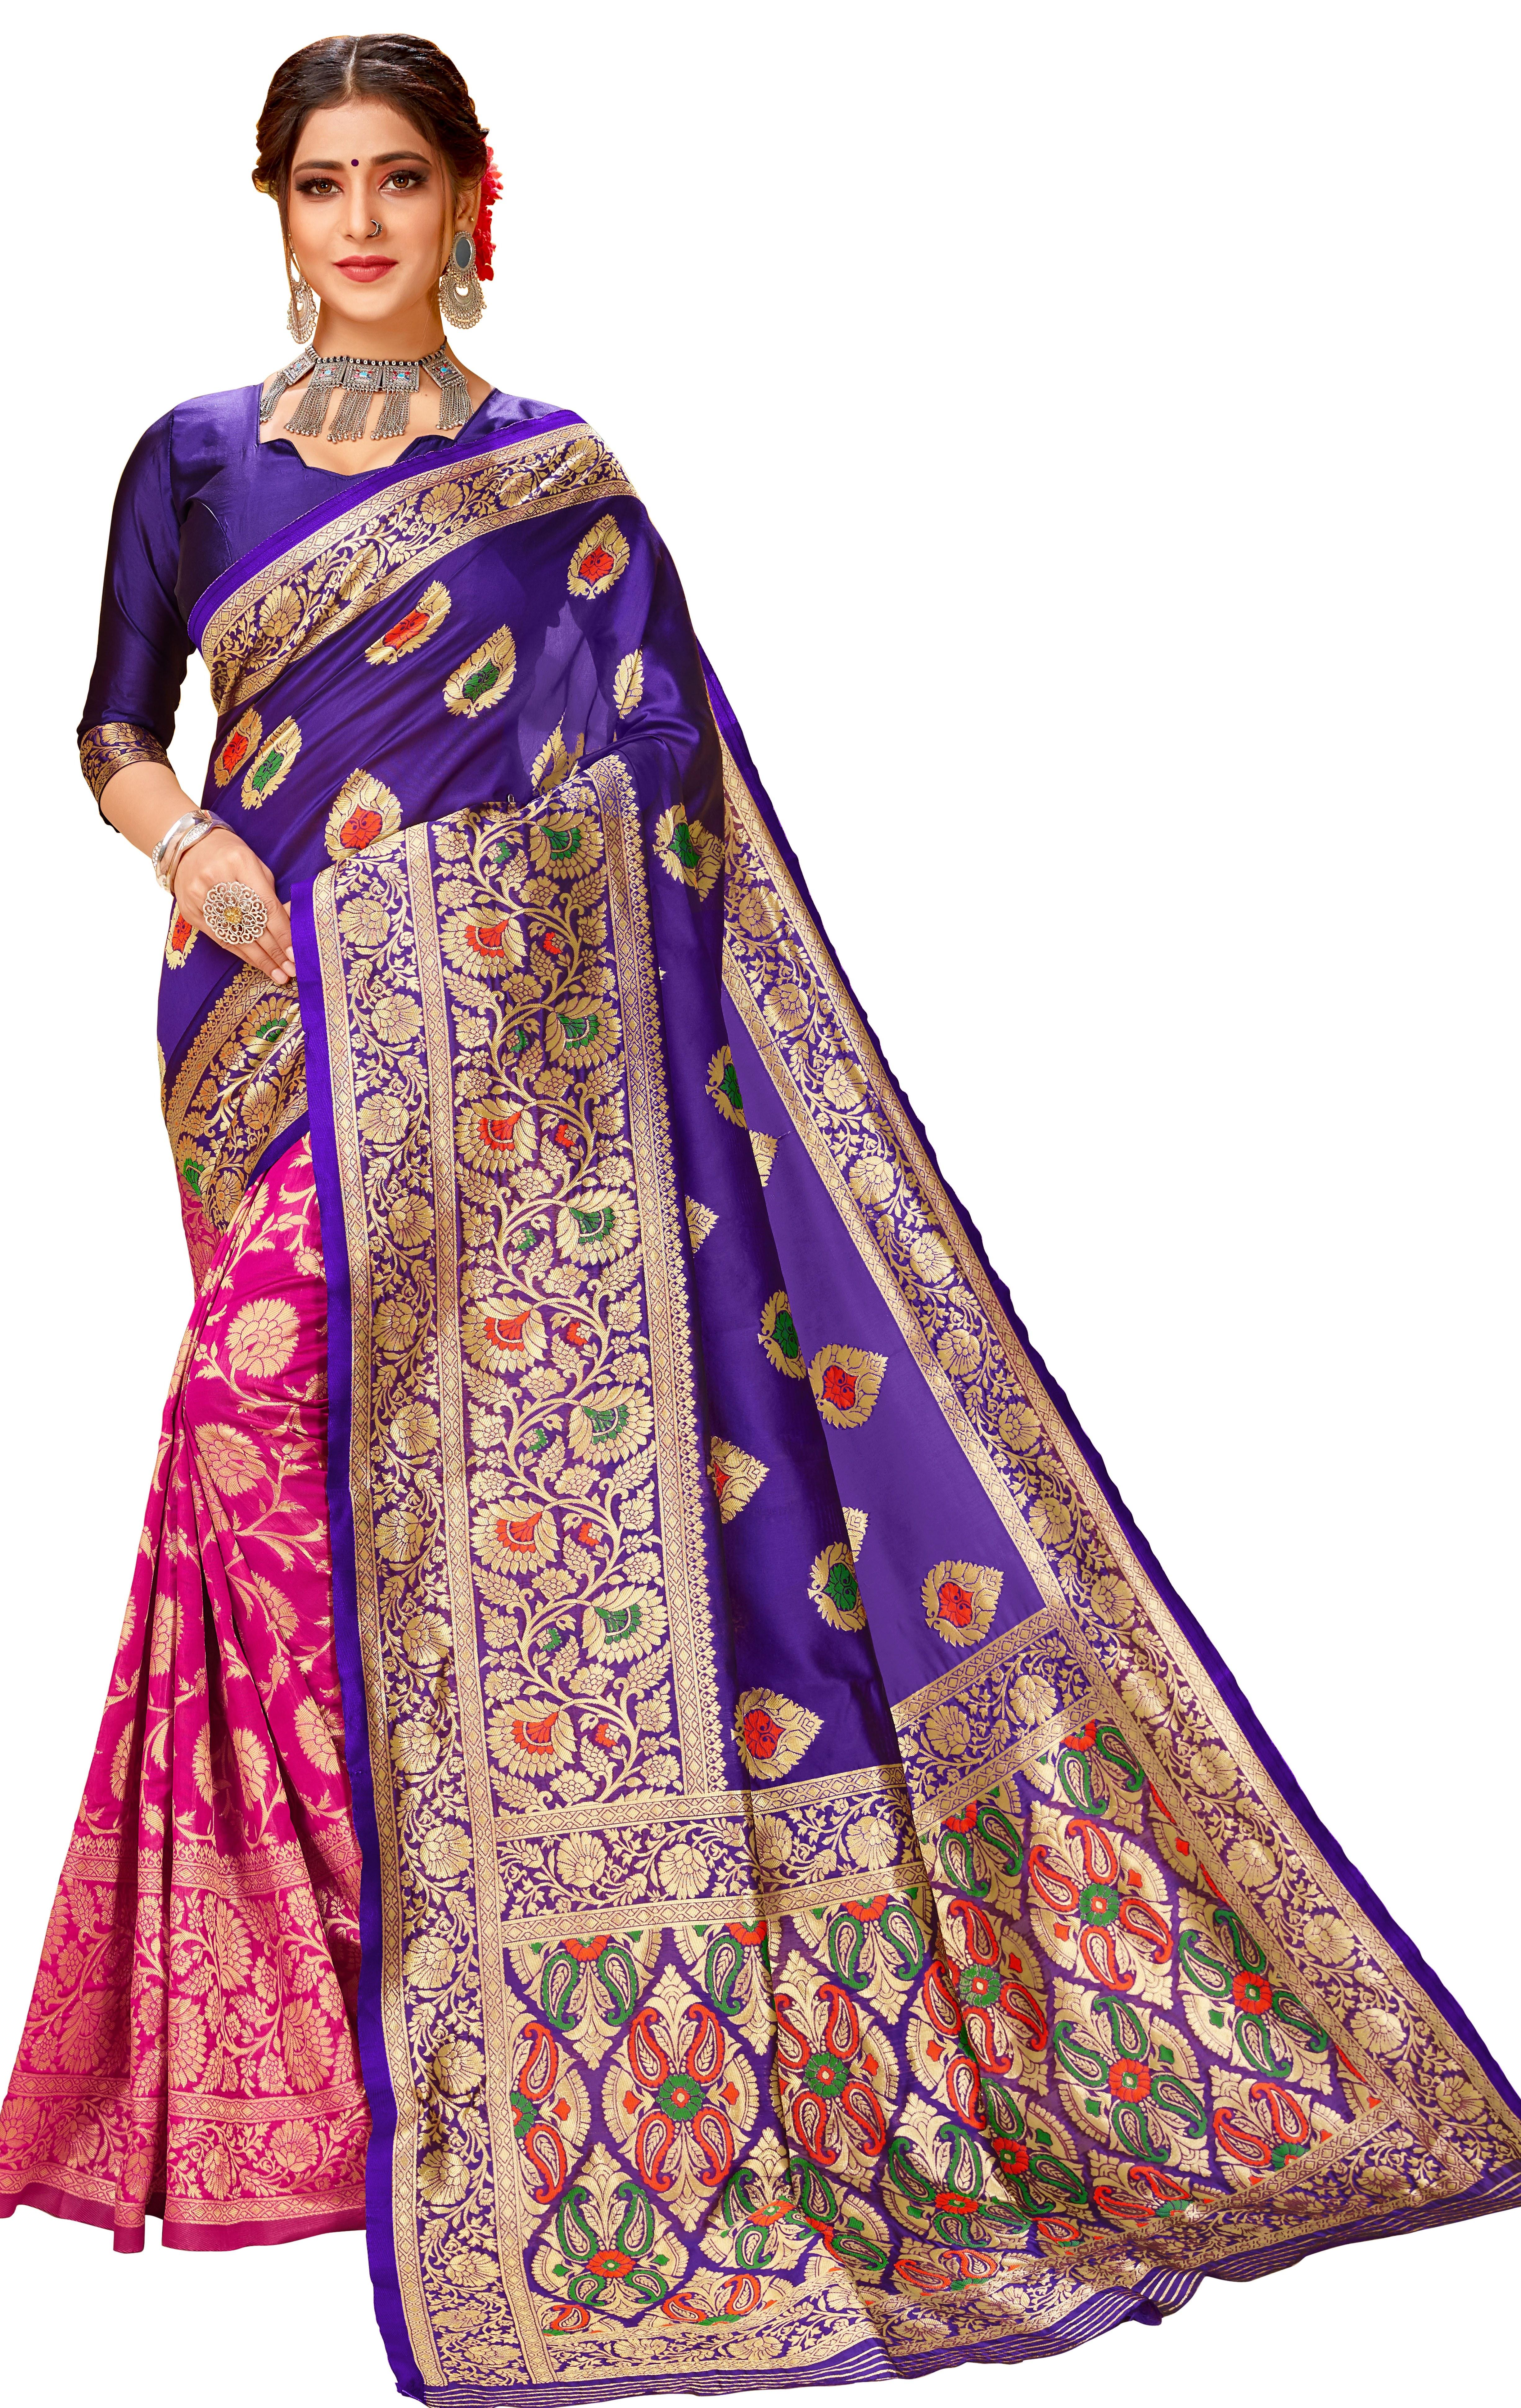 Glemora | Glemora Blue & Pink Lichi Cotton Chhaya Saree With Unstitched Blouse